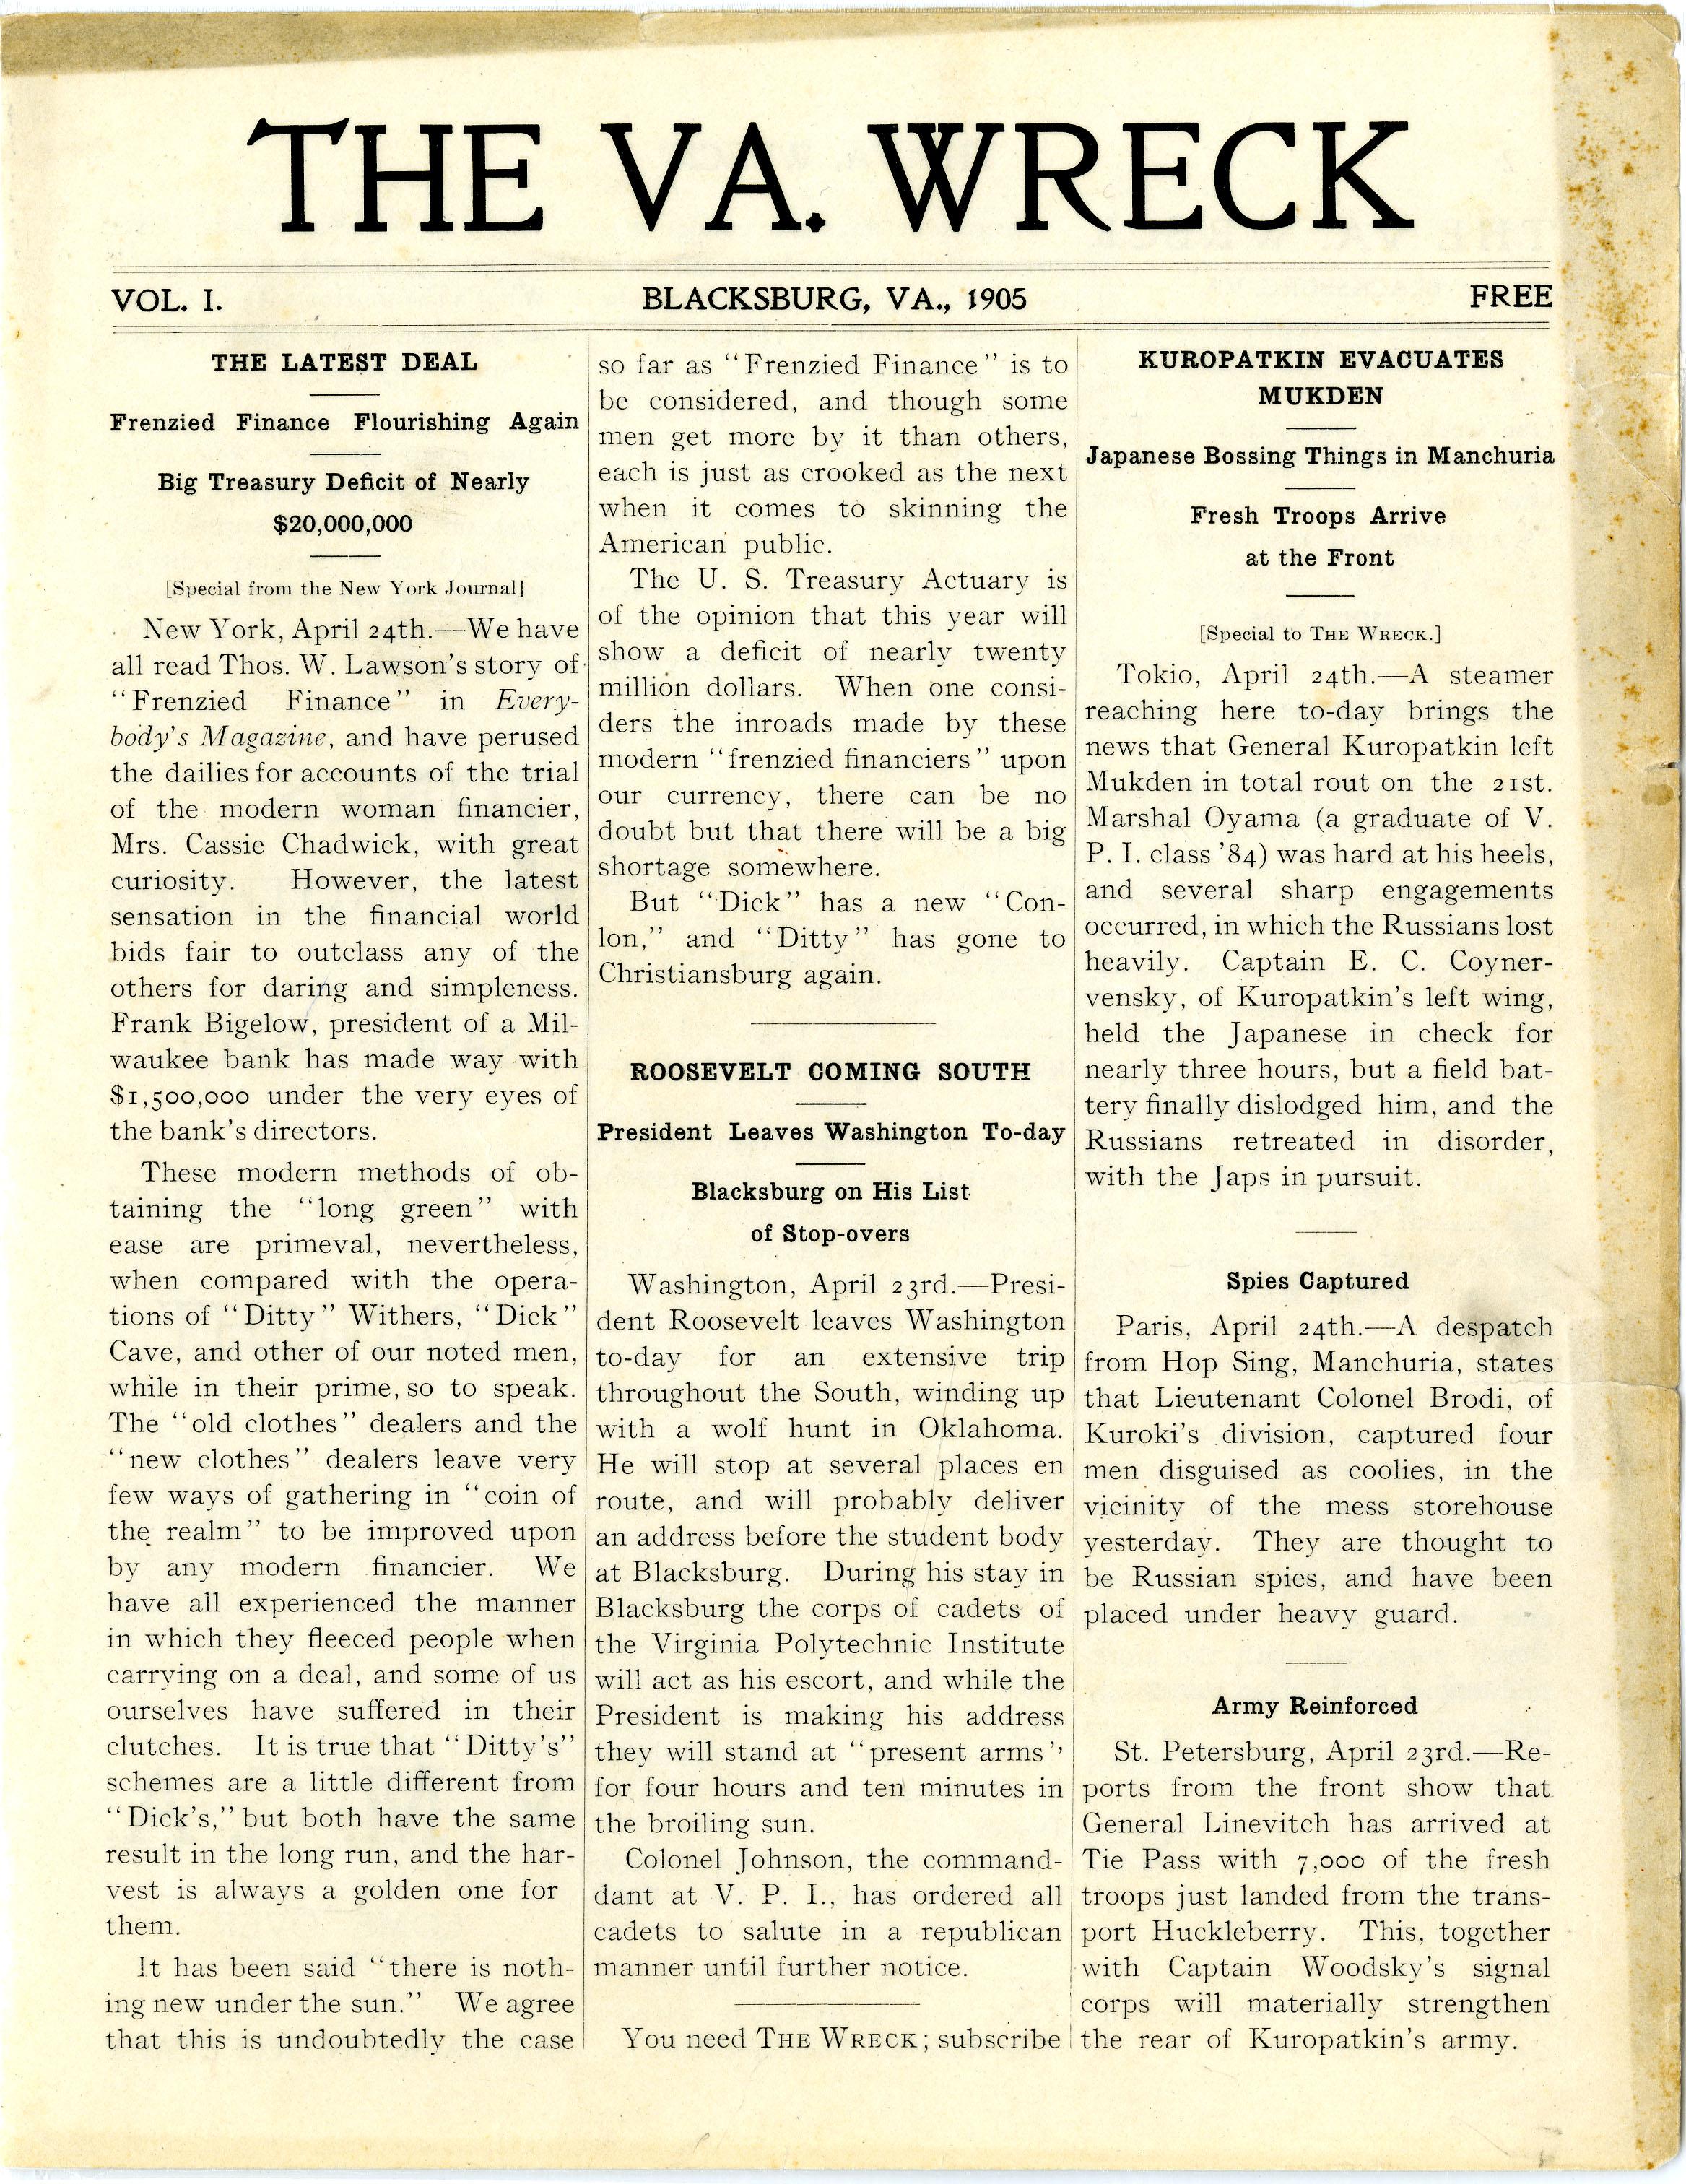 The VA. Wreck, Vol. 1. (1905)